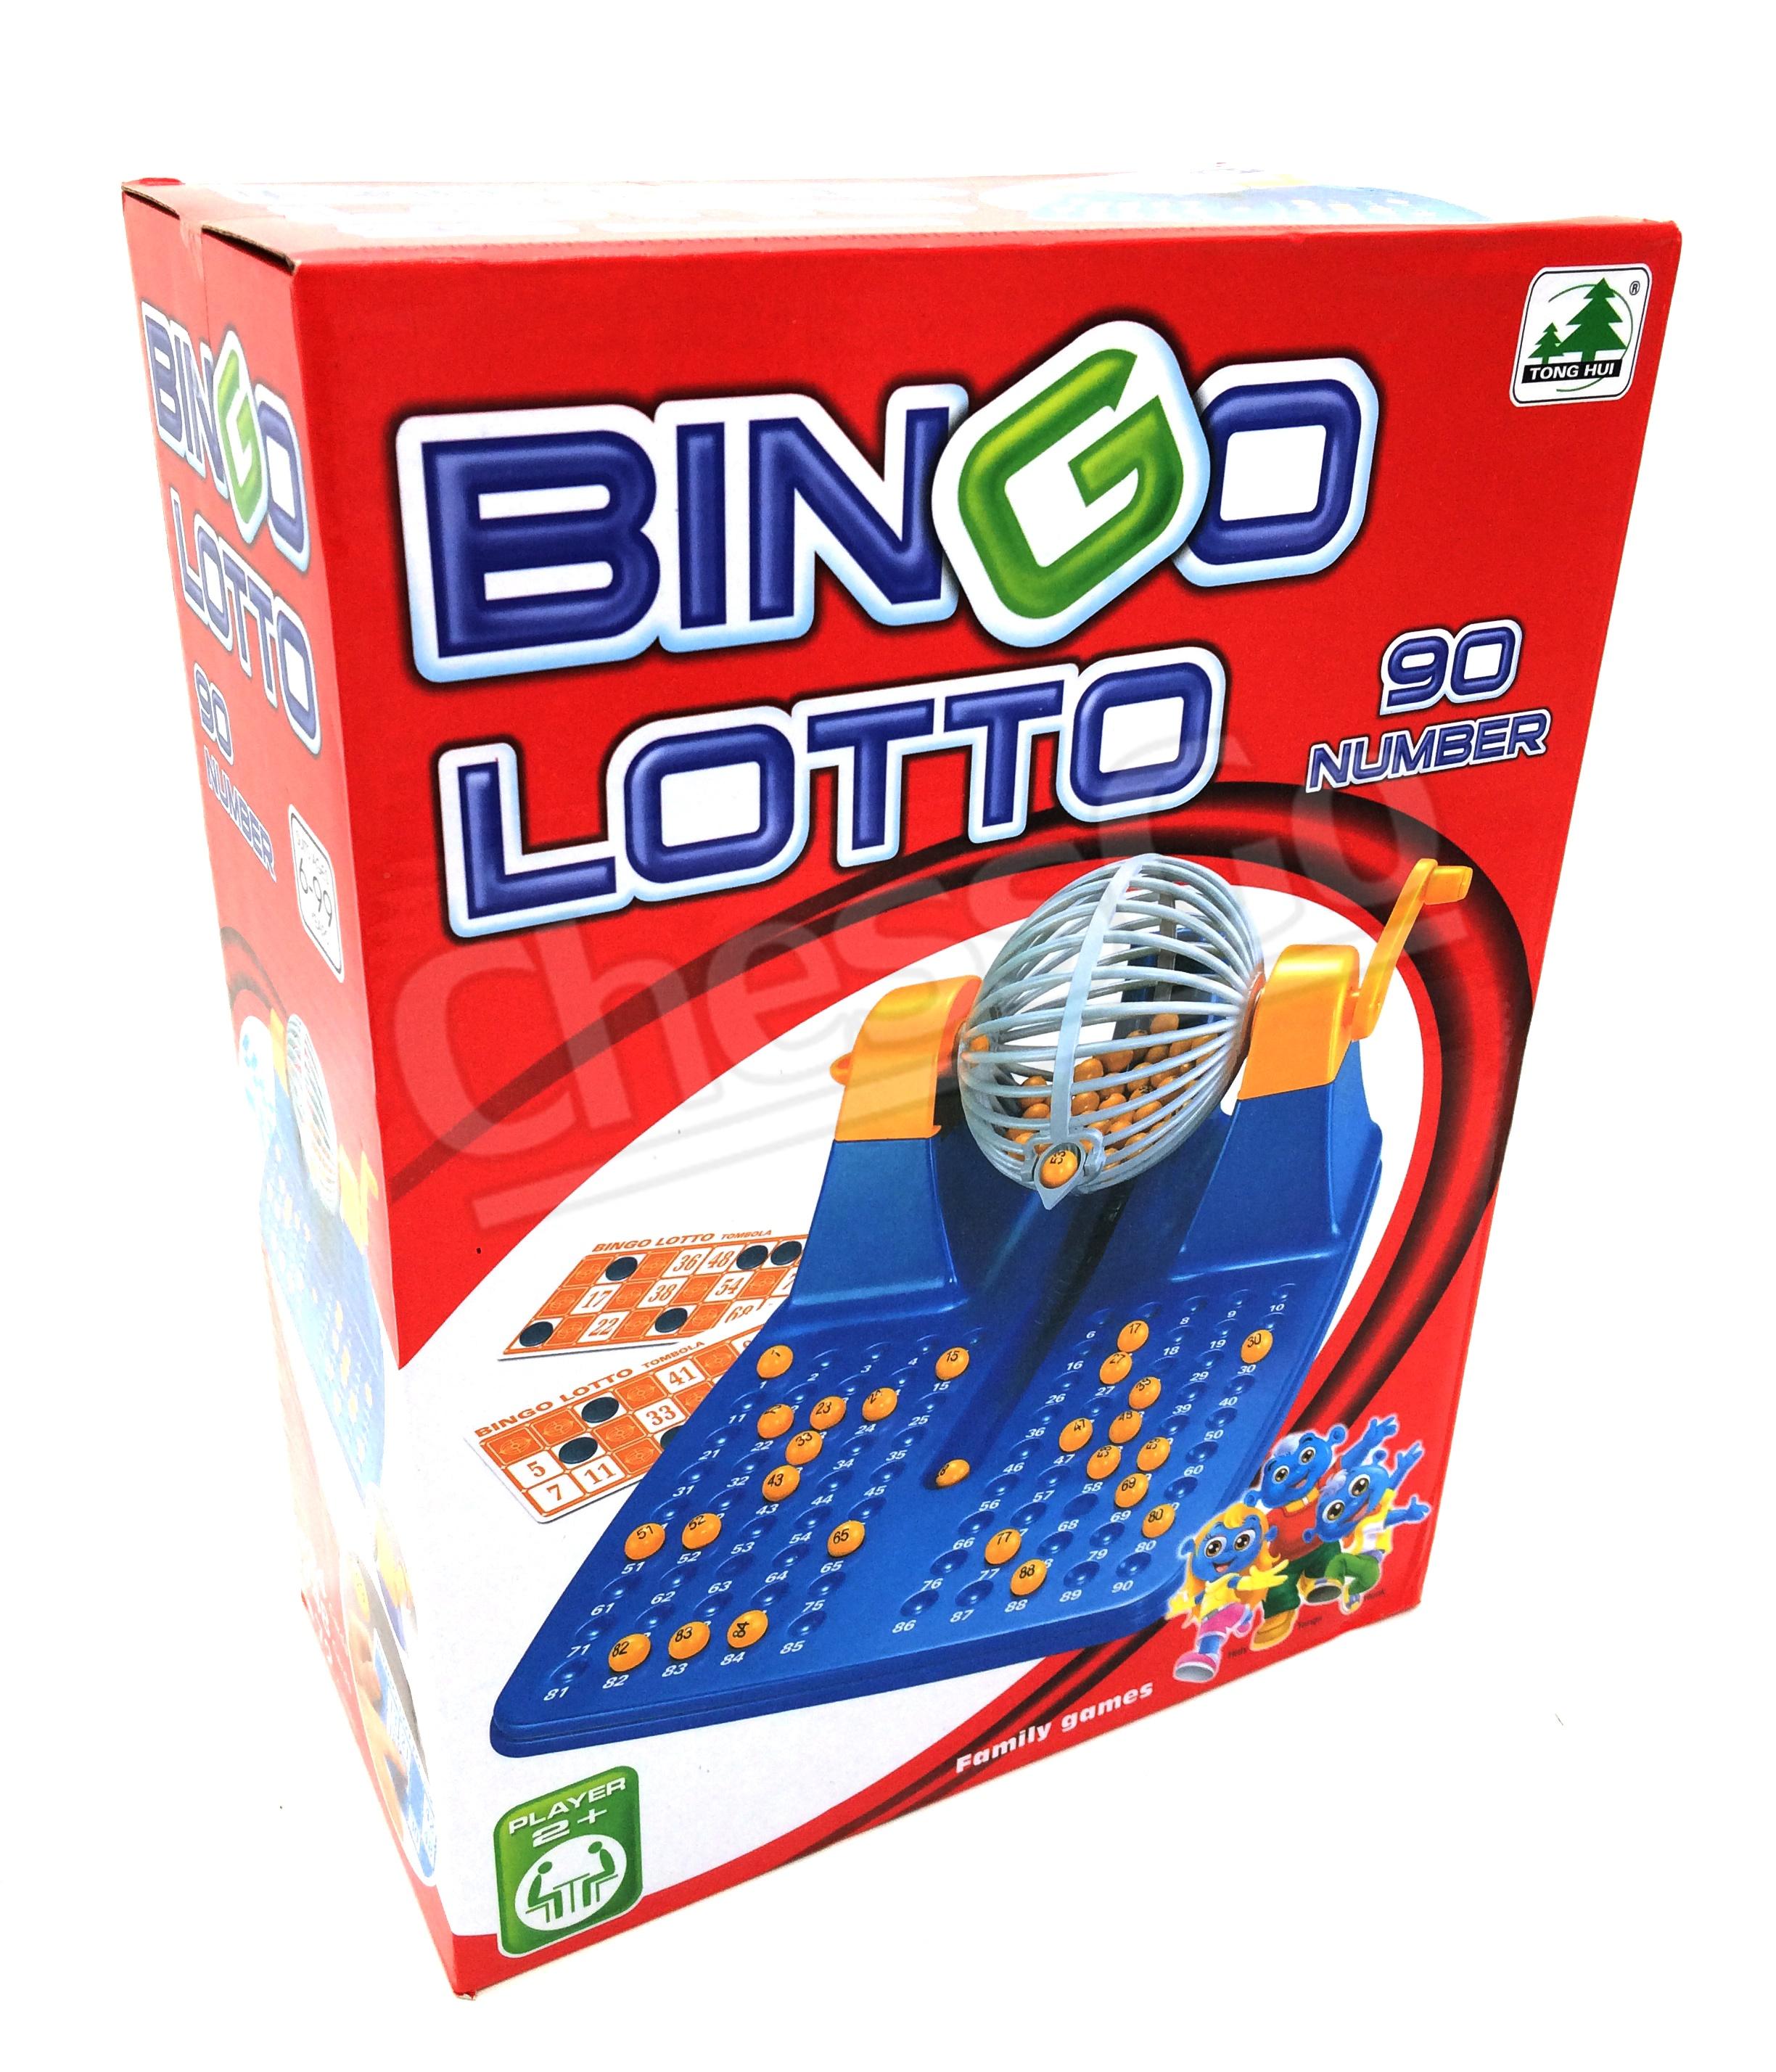 บิงโกล็อตโต้90เลข Bingo Lotto 90 Number